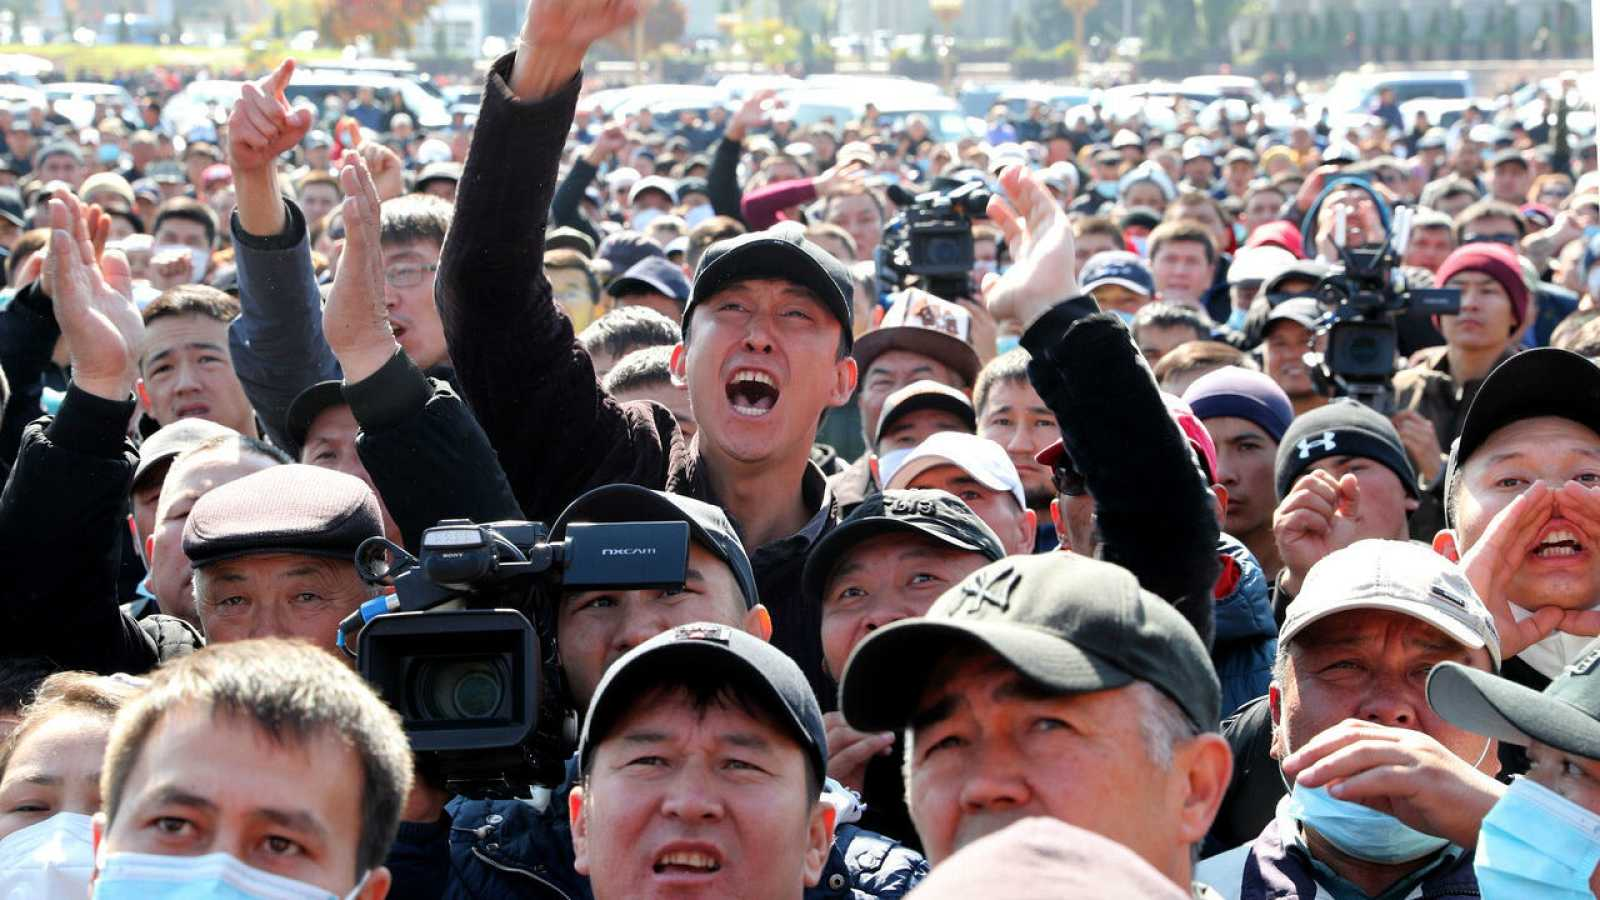 Los manifestantes se reúnen durante una manifestación para exigir el juicio político del presidente de Kirguistán, Sooronbai Jeenbekov, en la plaza central de Ala-Too en Bishkek, Kirguistán.